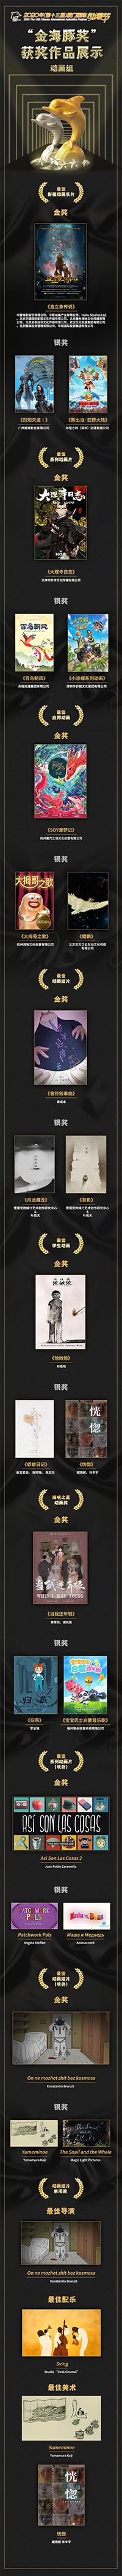 """2020""""金海豚奖""""动画组获奖名单.jpg"""